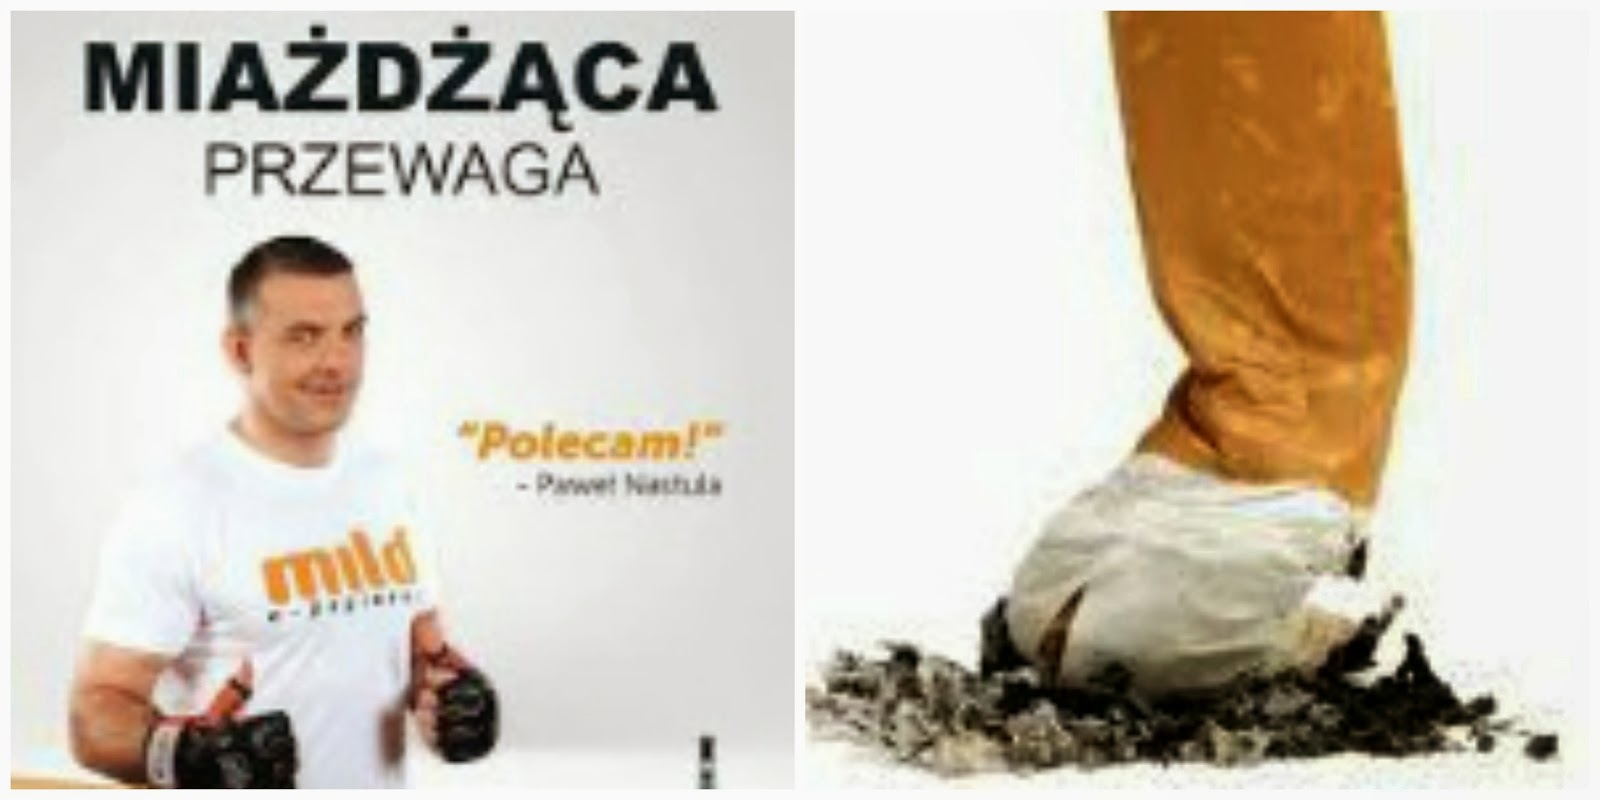 Obraz: billboard z Pawłem Nastulą promującym elektroniczne papierost firmy Mild